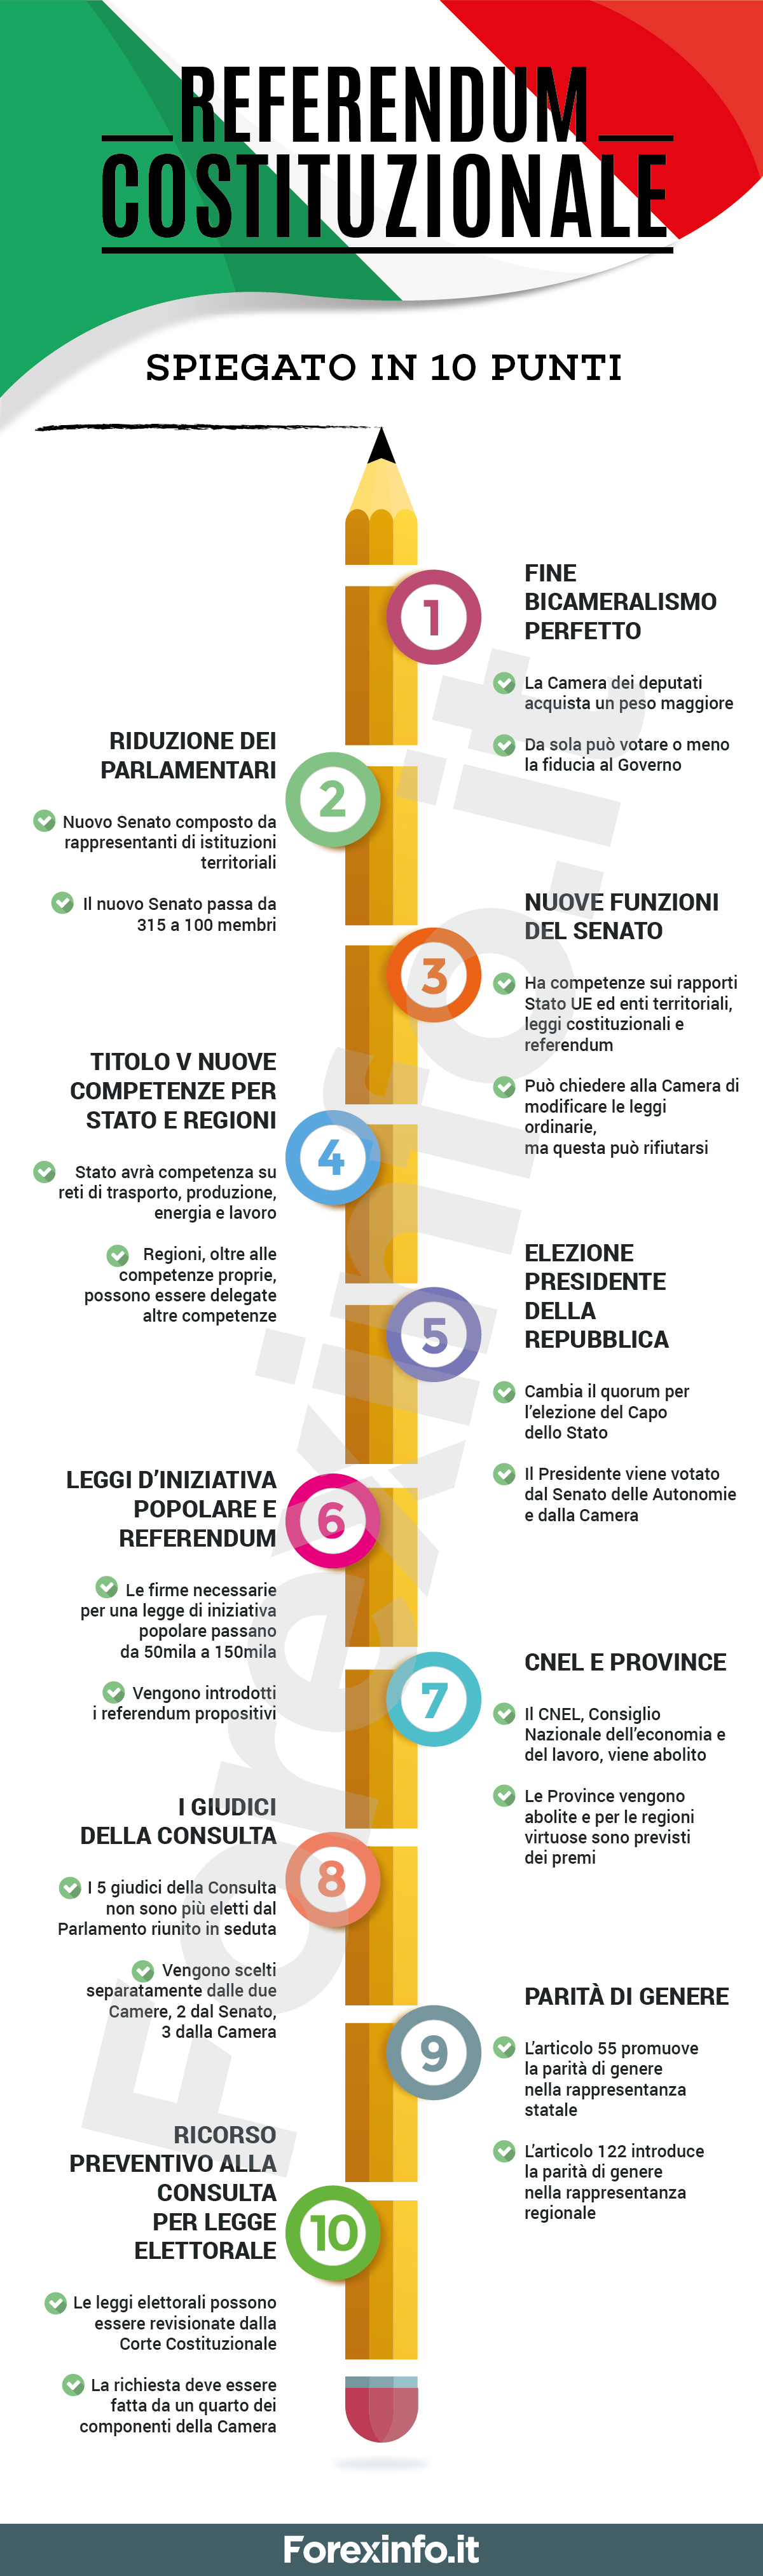 Infografica referendum costituzionale: capire la riforma e cosa votare